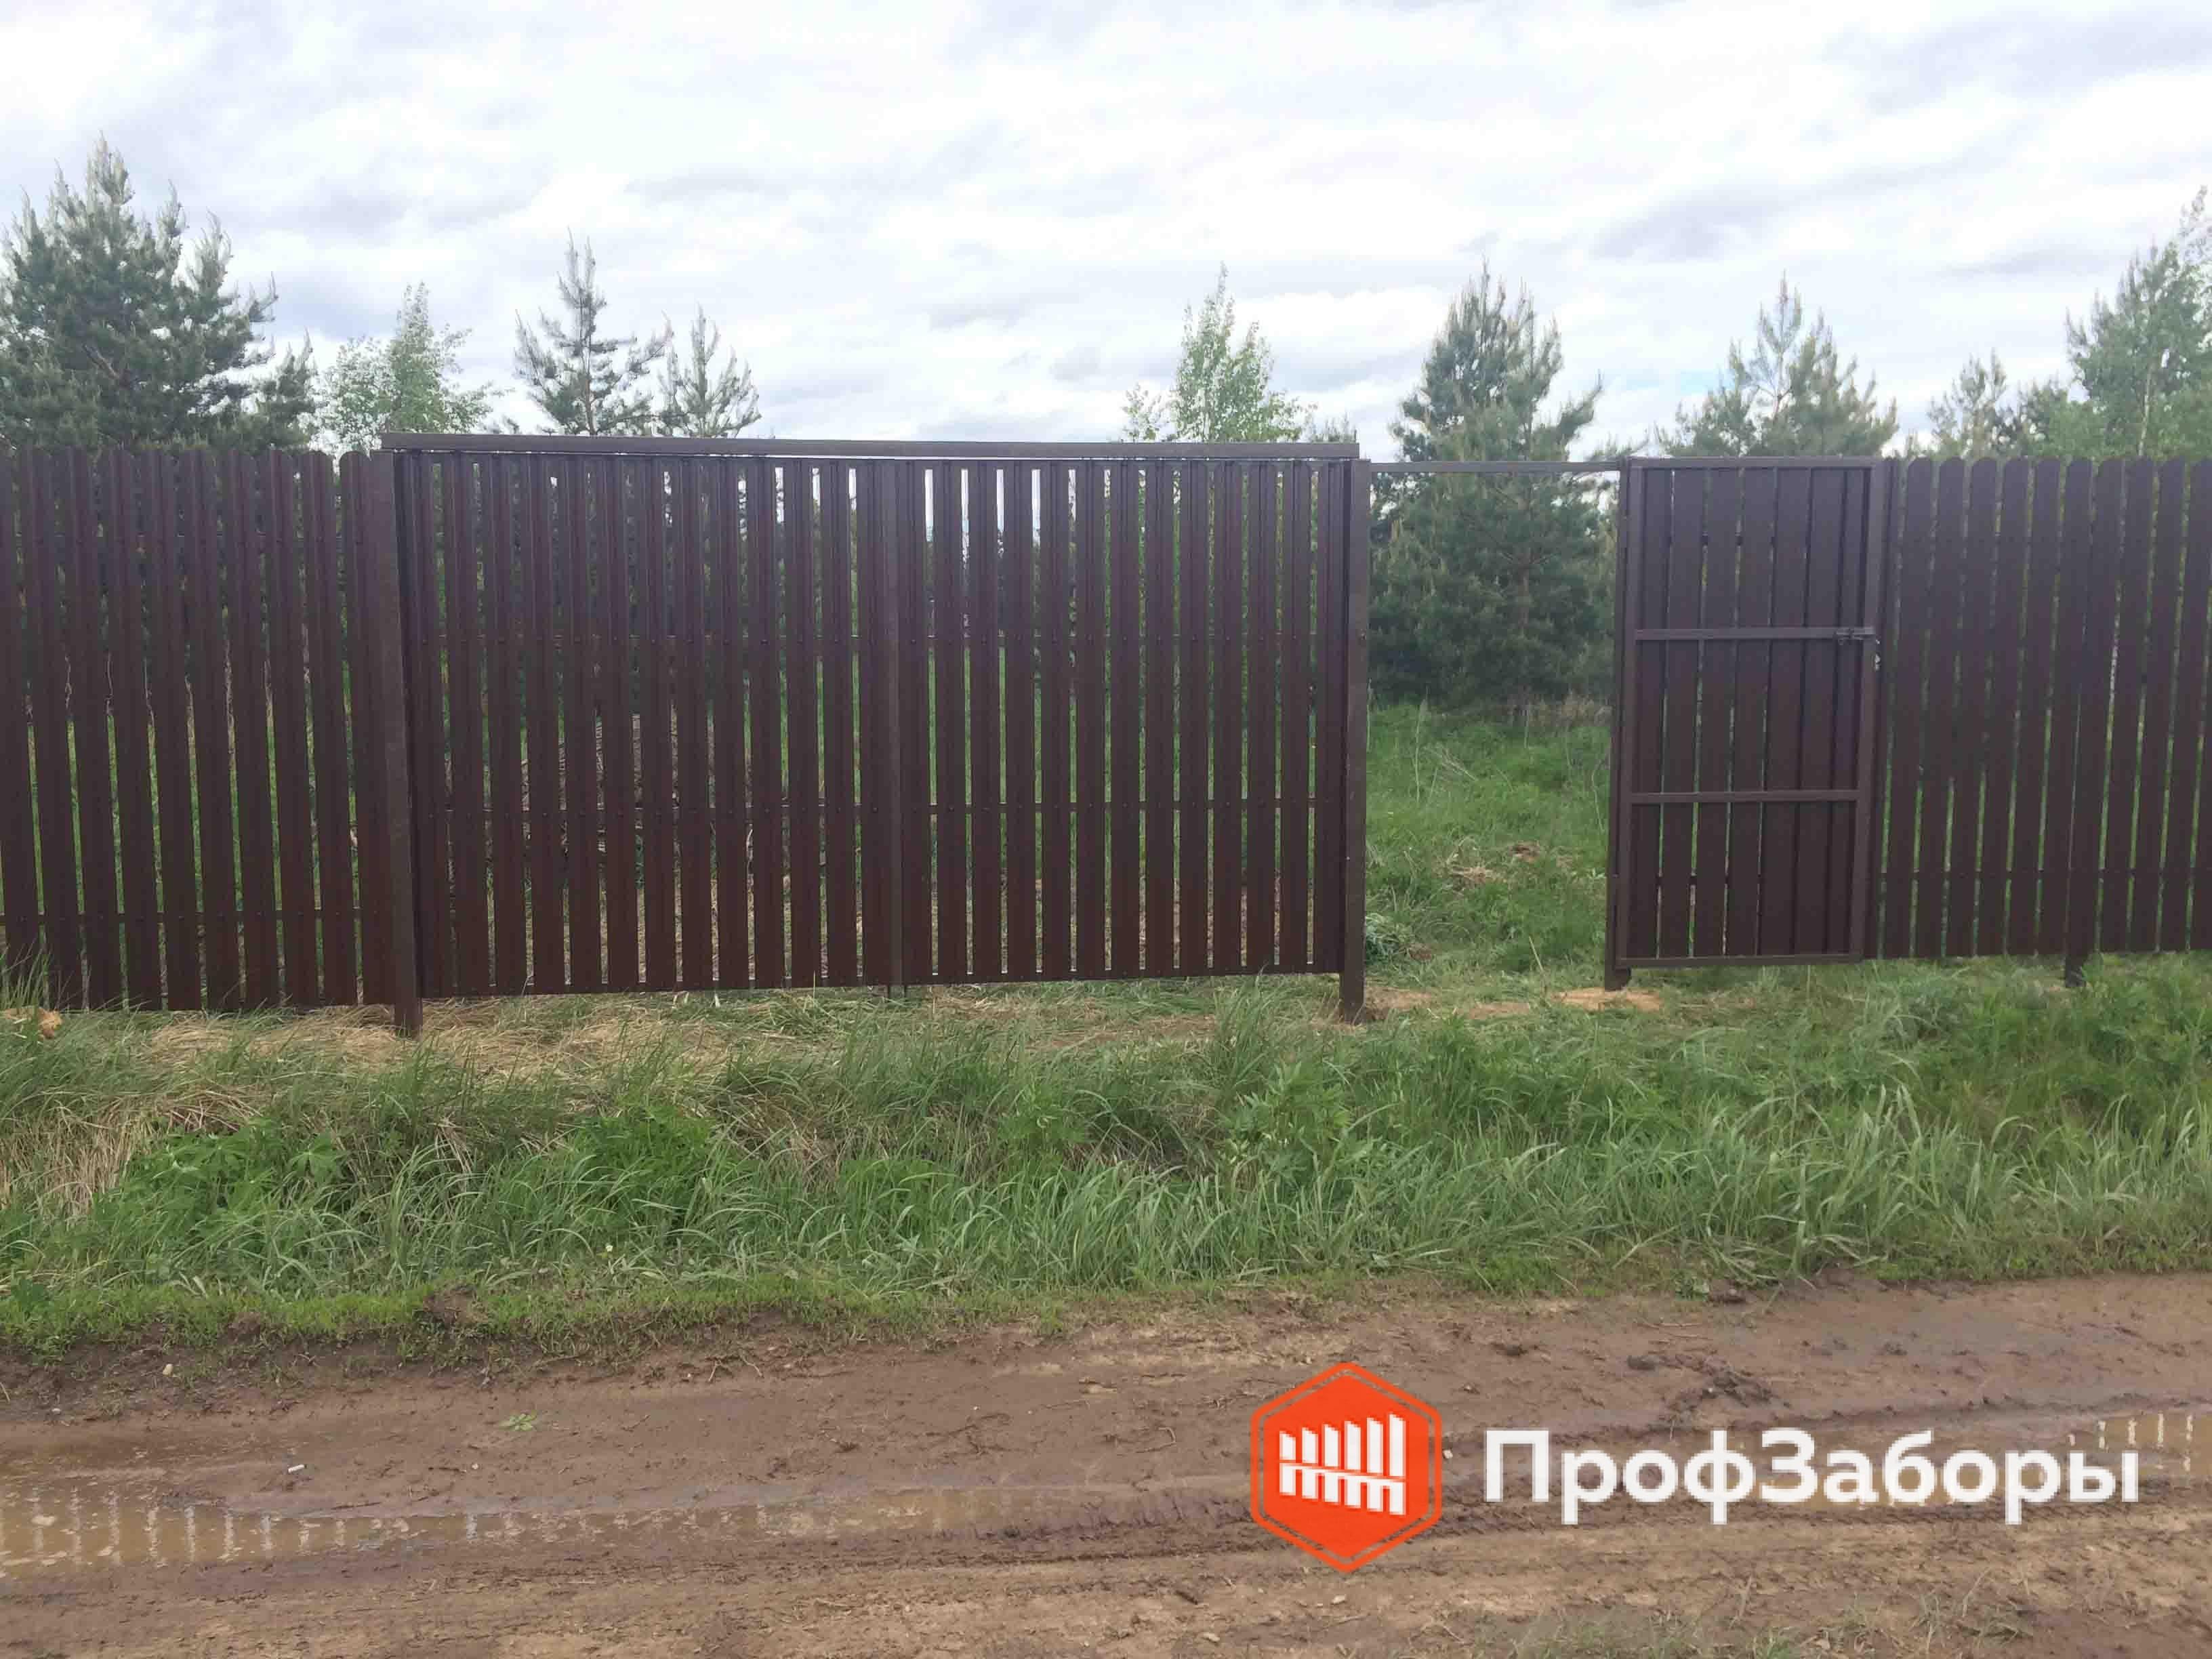 Заборы Из евроштакетника - Городской округ Королёв. Фото 2